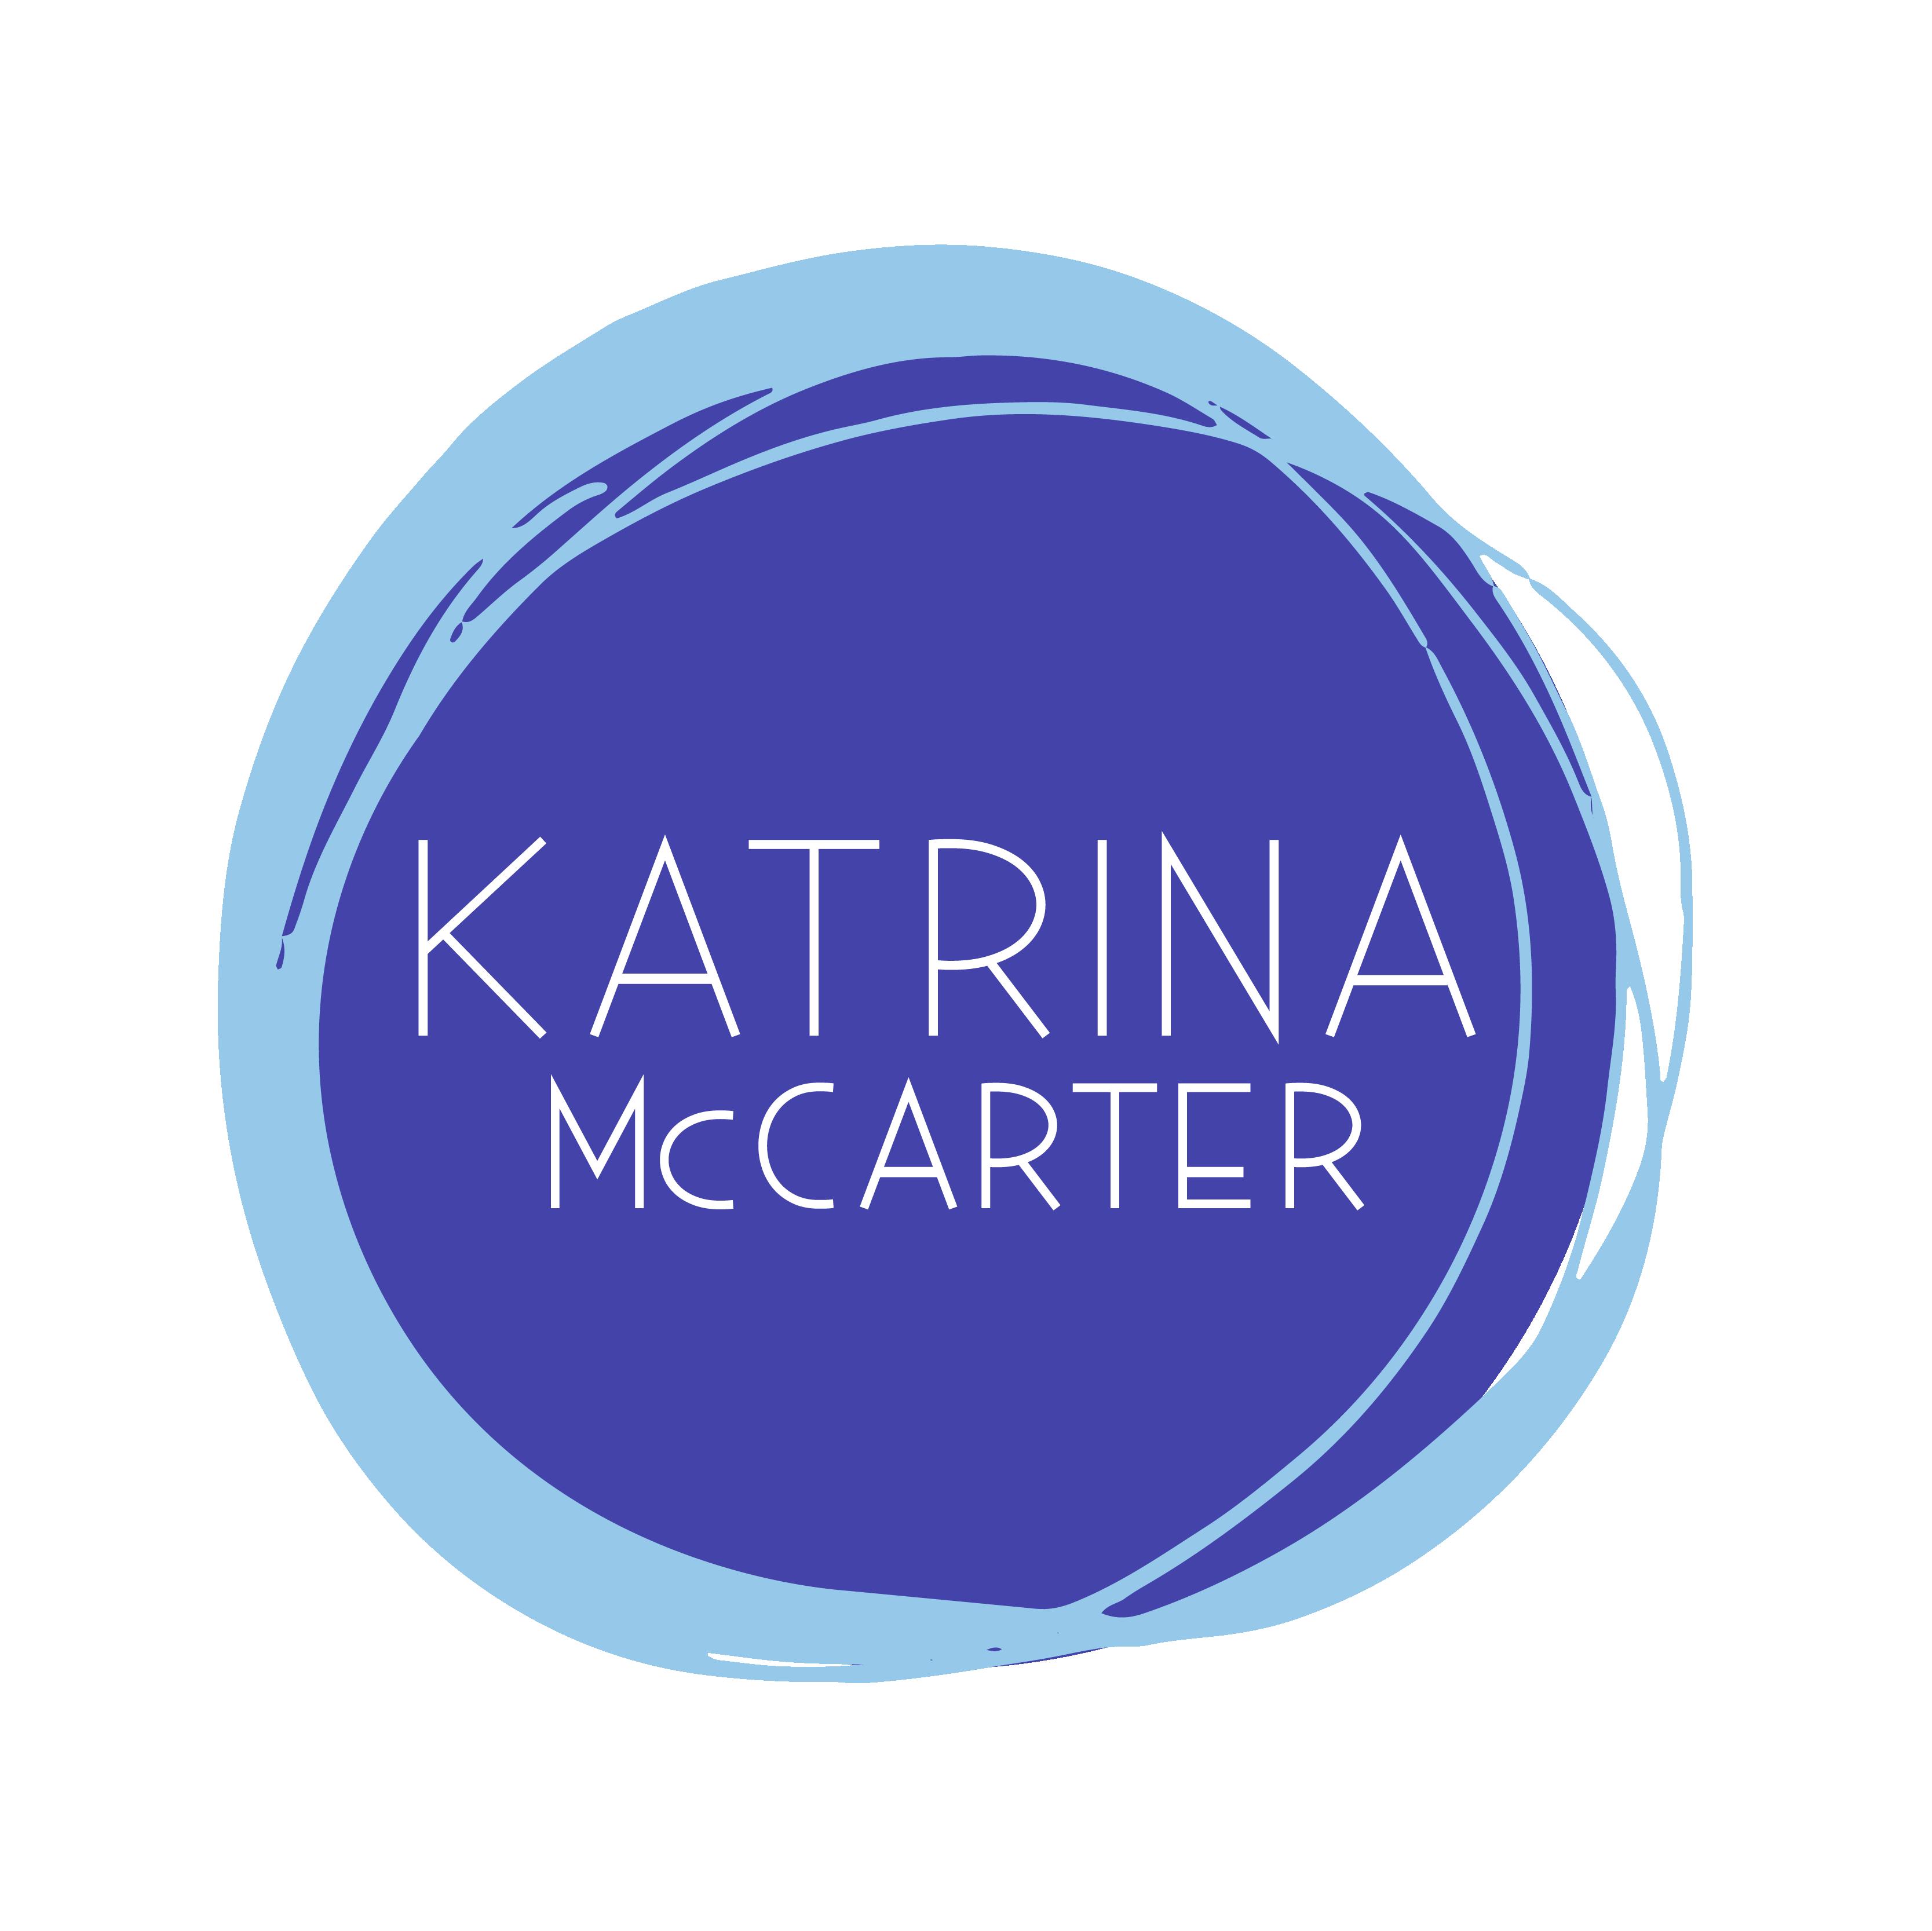 KatrinaM